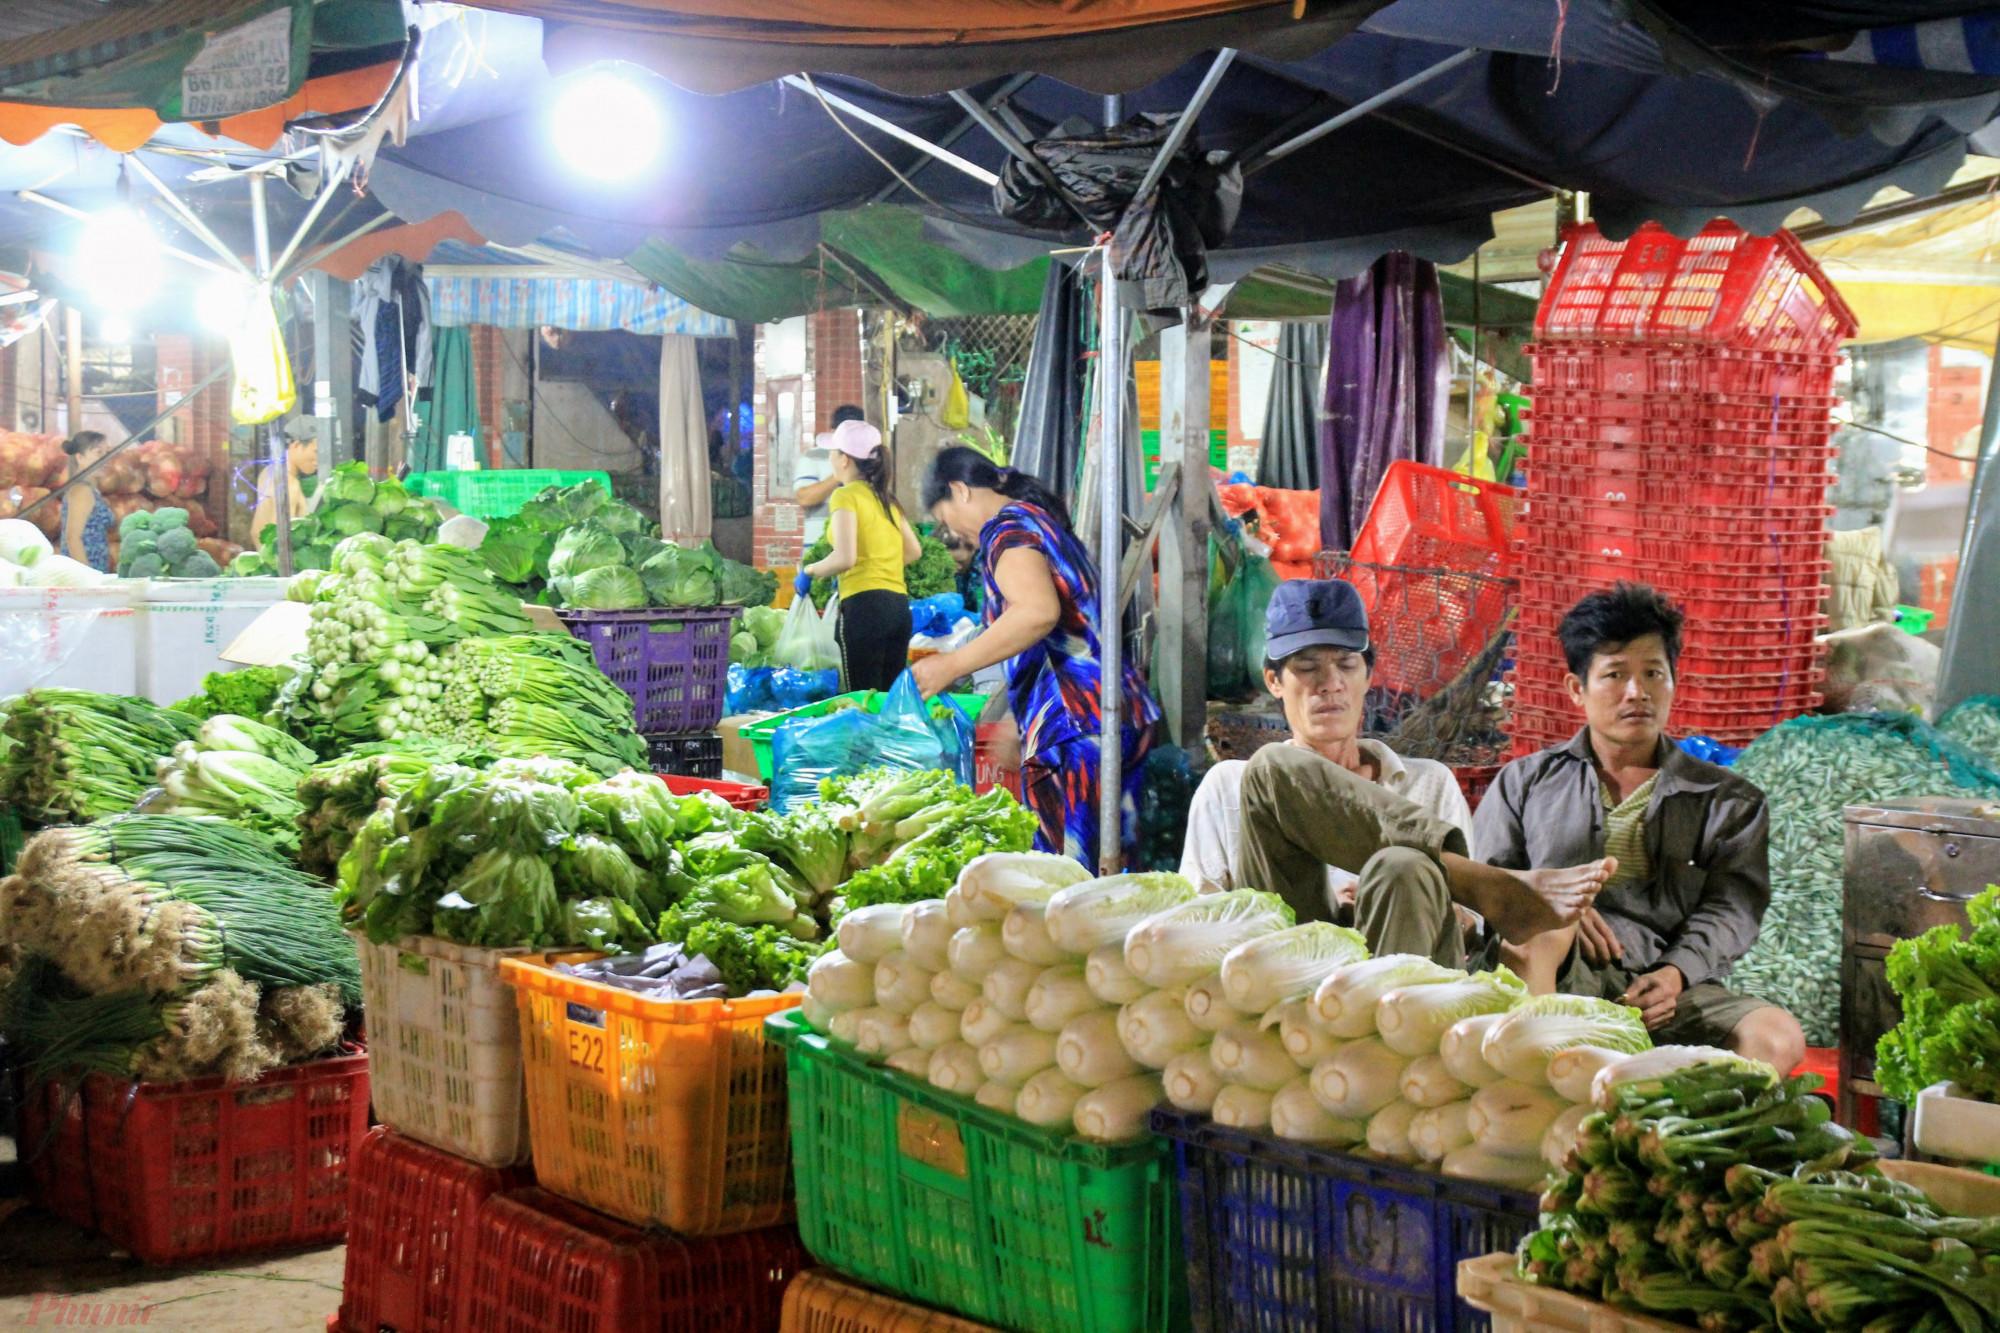 Giá một số mặt hàng rau, củ tại chợ tăng chống mặt sau tết. Ảnh: Quốc Thái